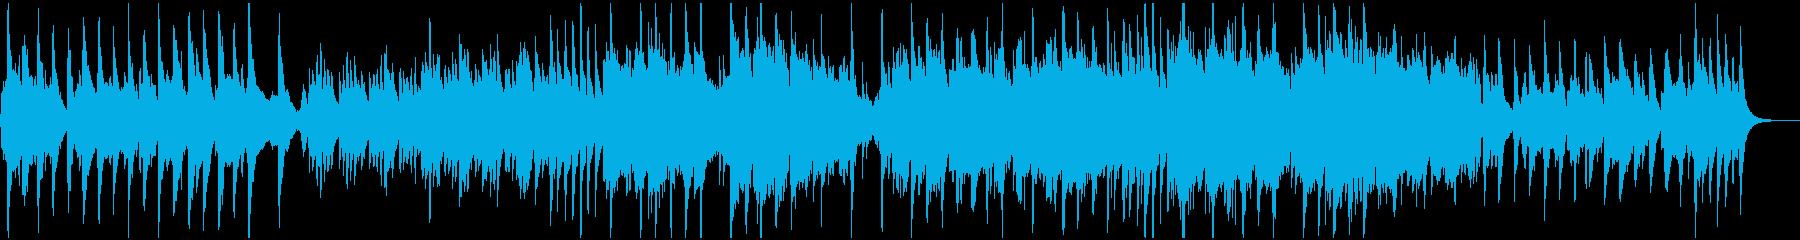 和風まったり尺八楽曲,BGM,CM等にの再生済みの波形